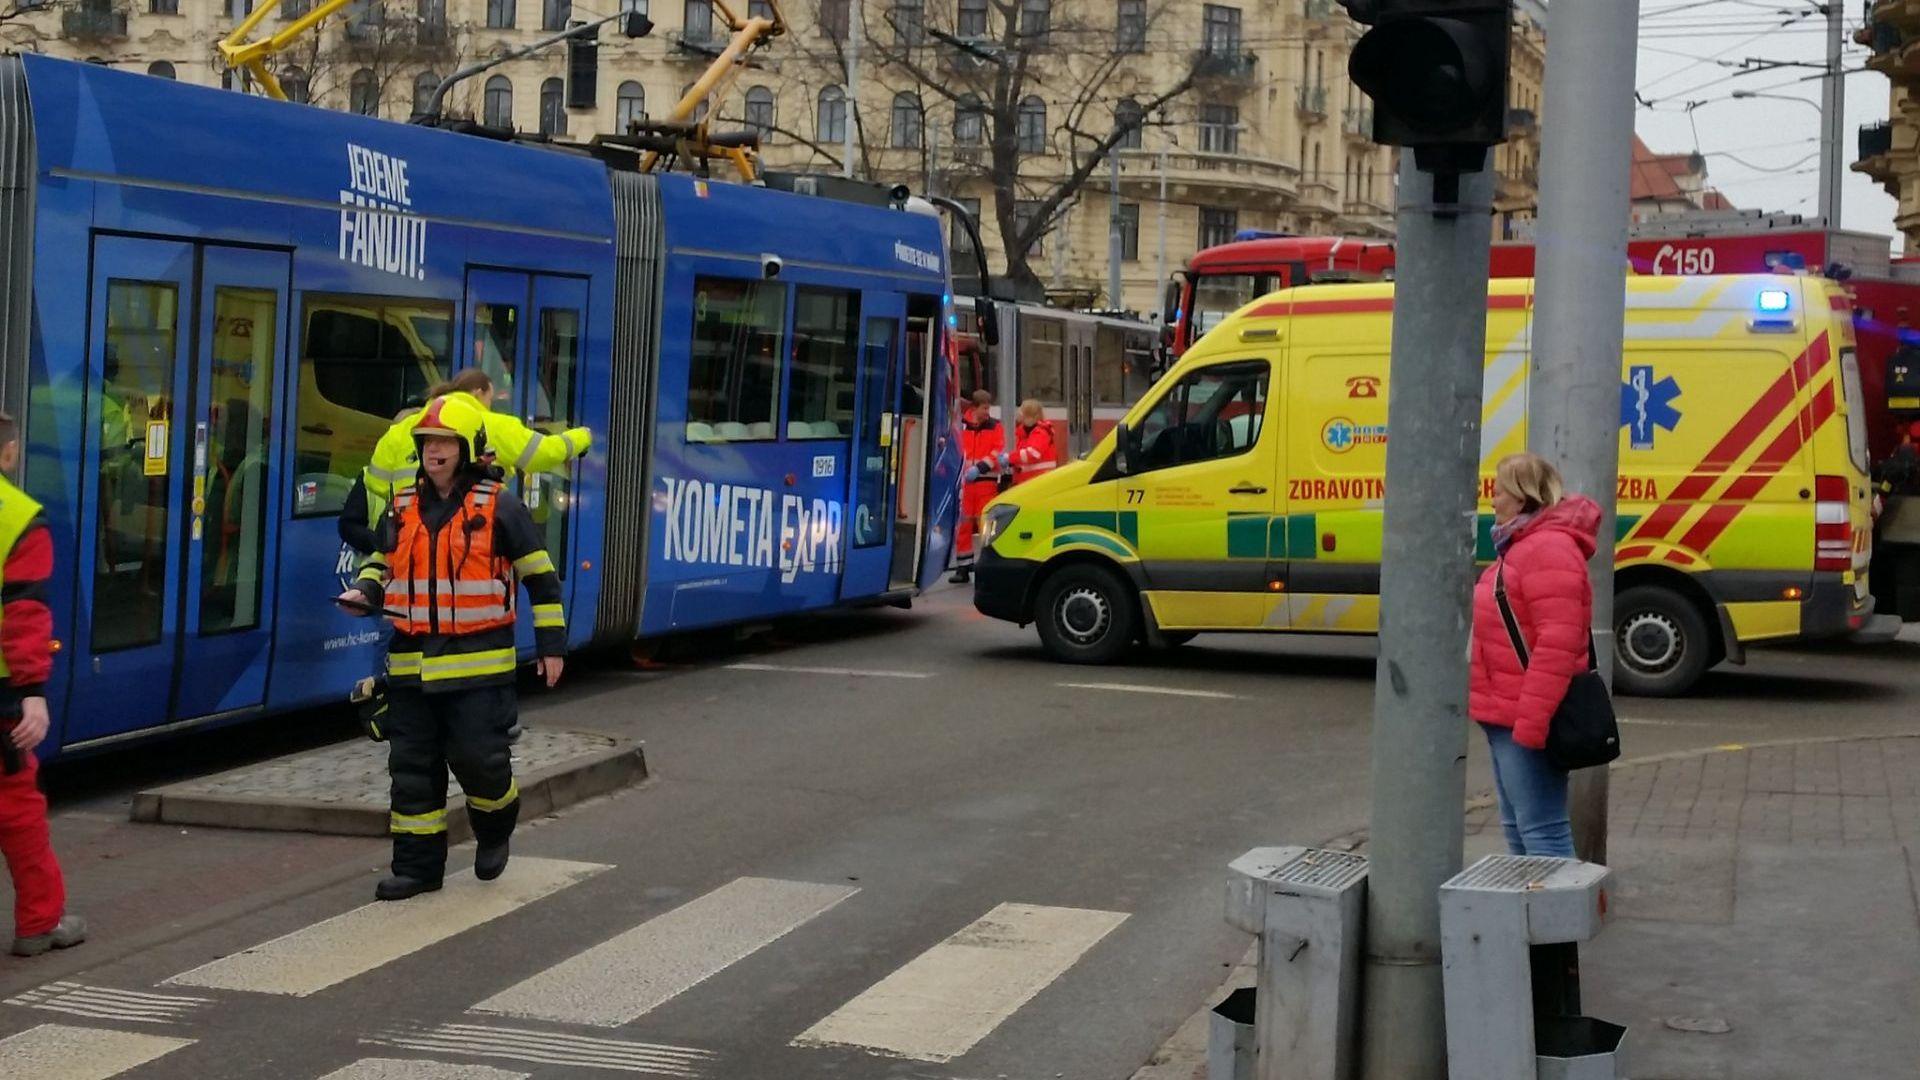 Тежка катастрофа на кола с два трамвая в Чехия (ВИДЕО+СНИМКИ)